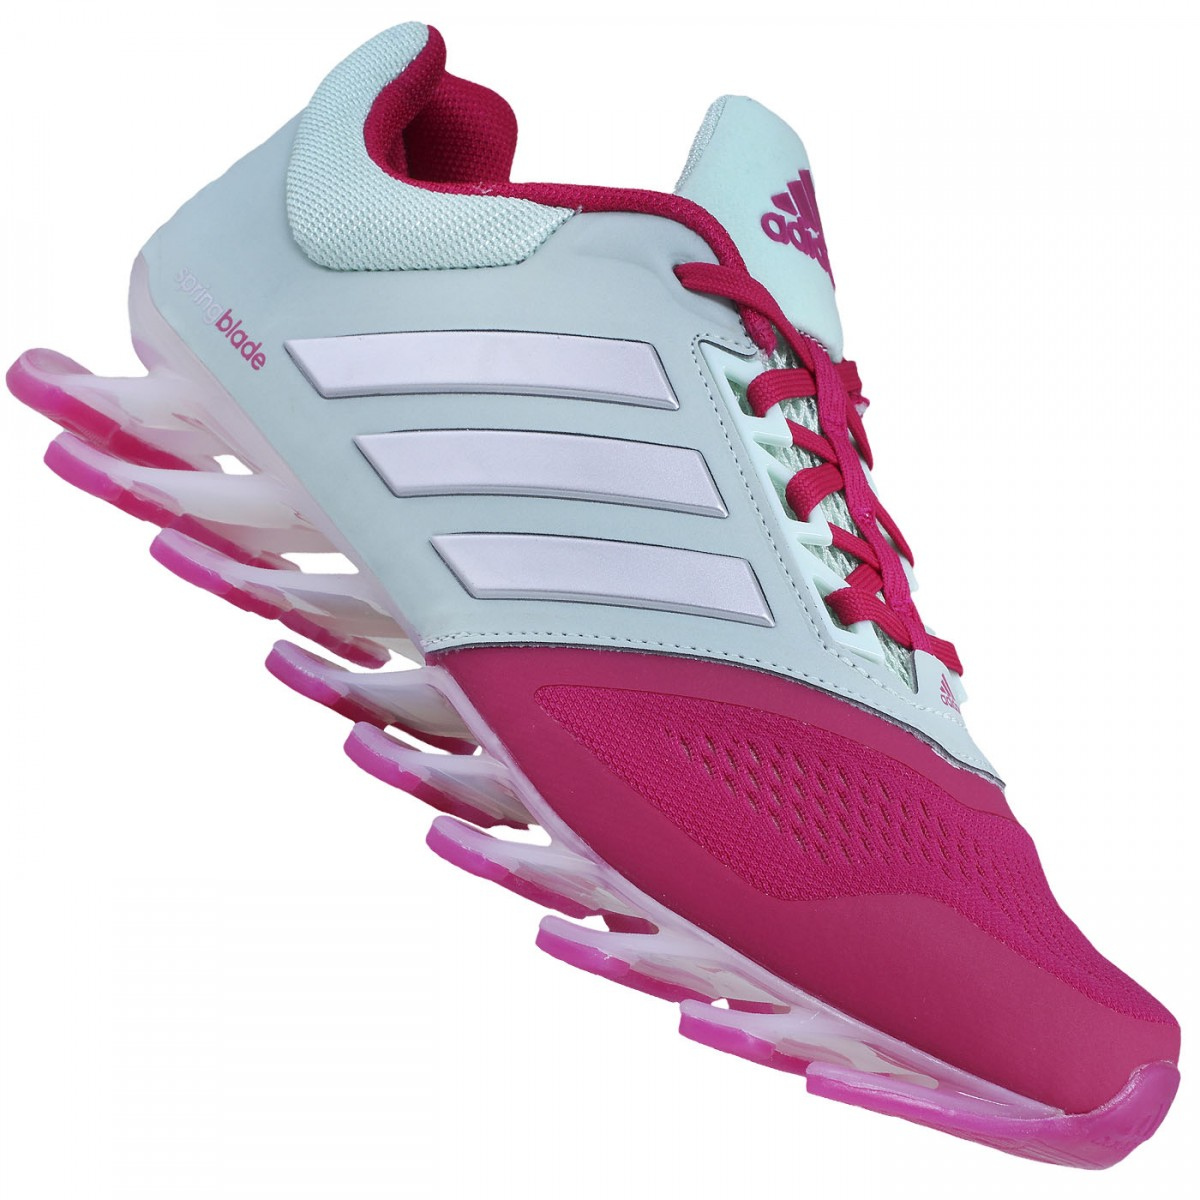 meet a0154 f3956 australia tenis adidas springblade original feminino e7c46 dc0d2